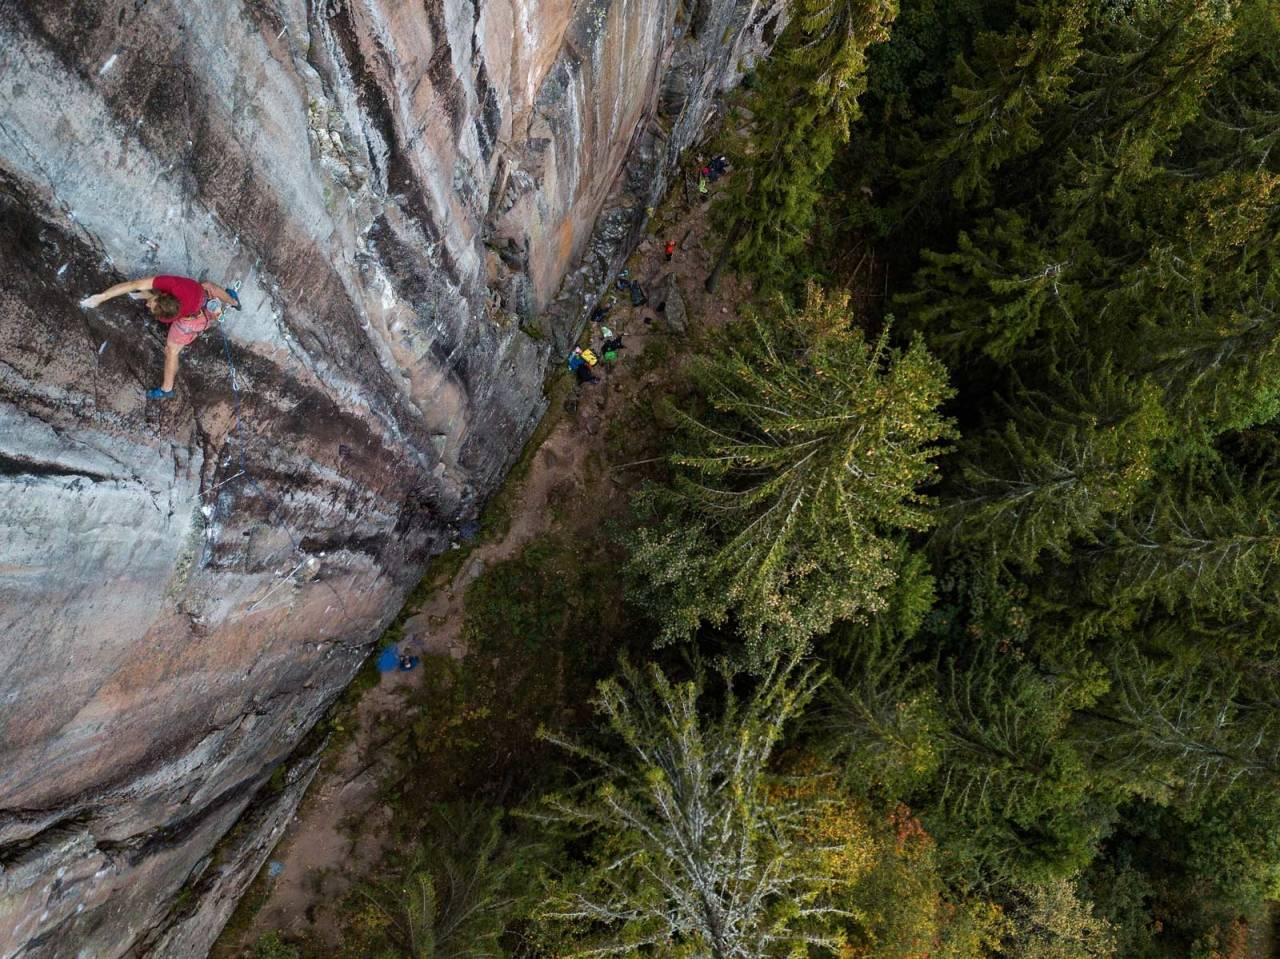 PROSJEKTET: Erik Grandelius på Fuglesang-prosjektet på Bergflødt i Lier. Linja følger to sømmer i fjellet på de sorte delene av veggen. Foto Thomas Kleiven